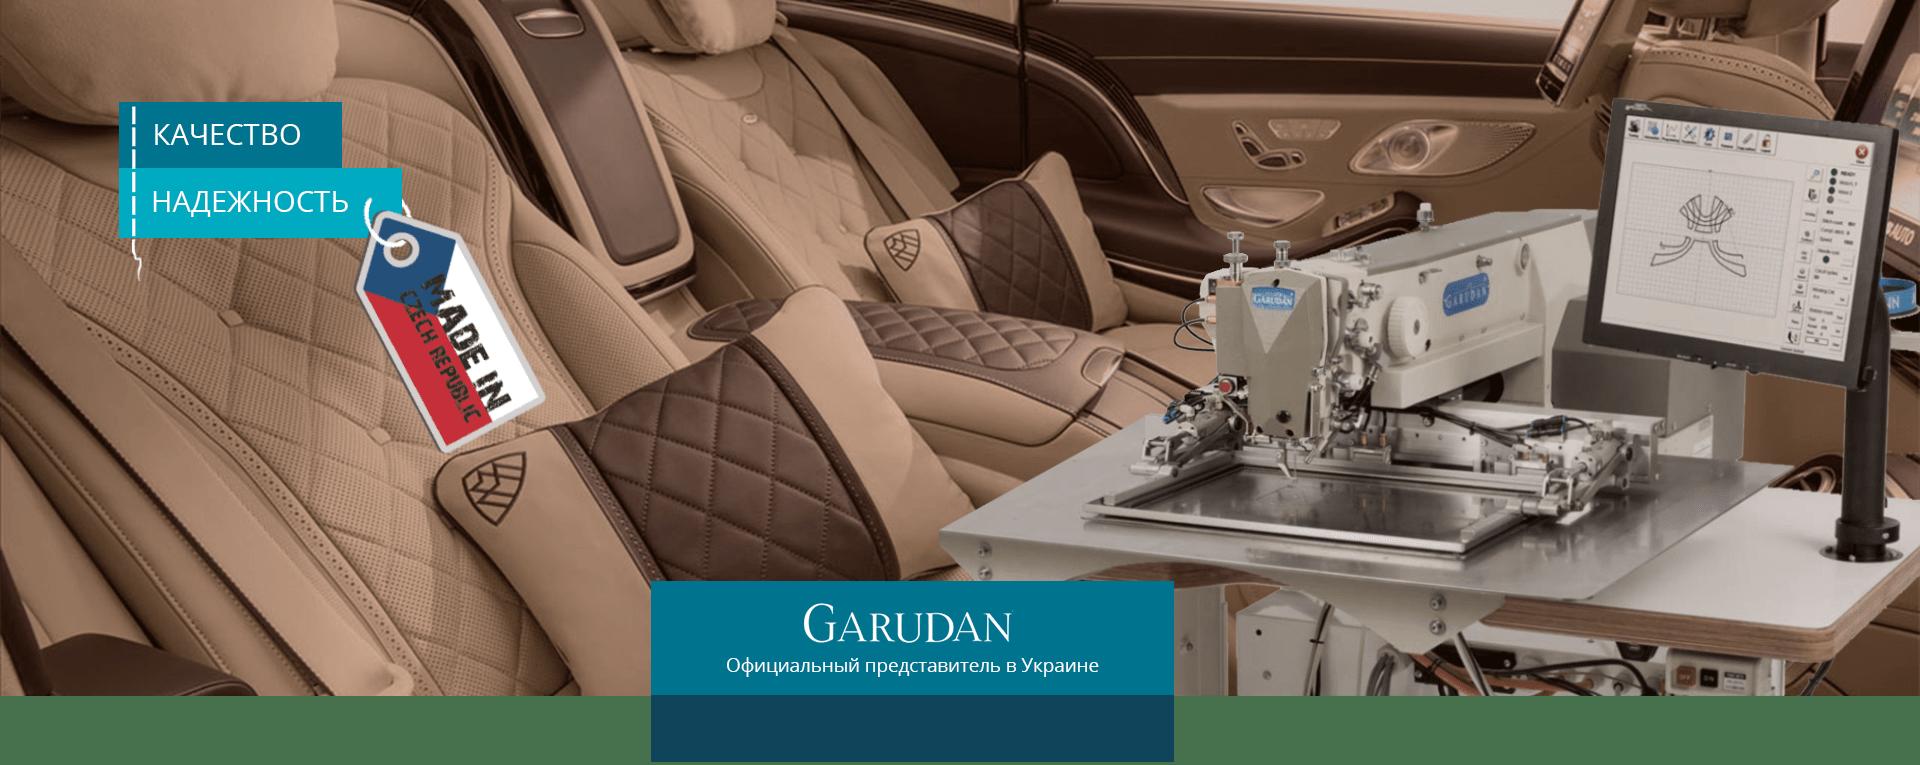 Garudan - швейное оборудование для кожи